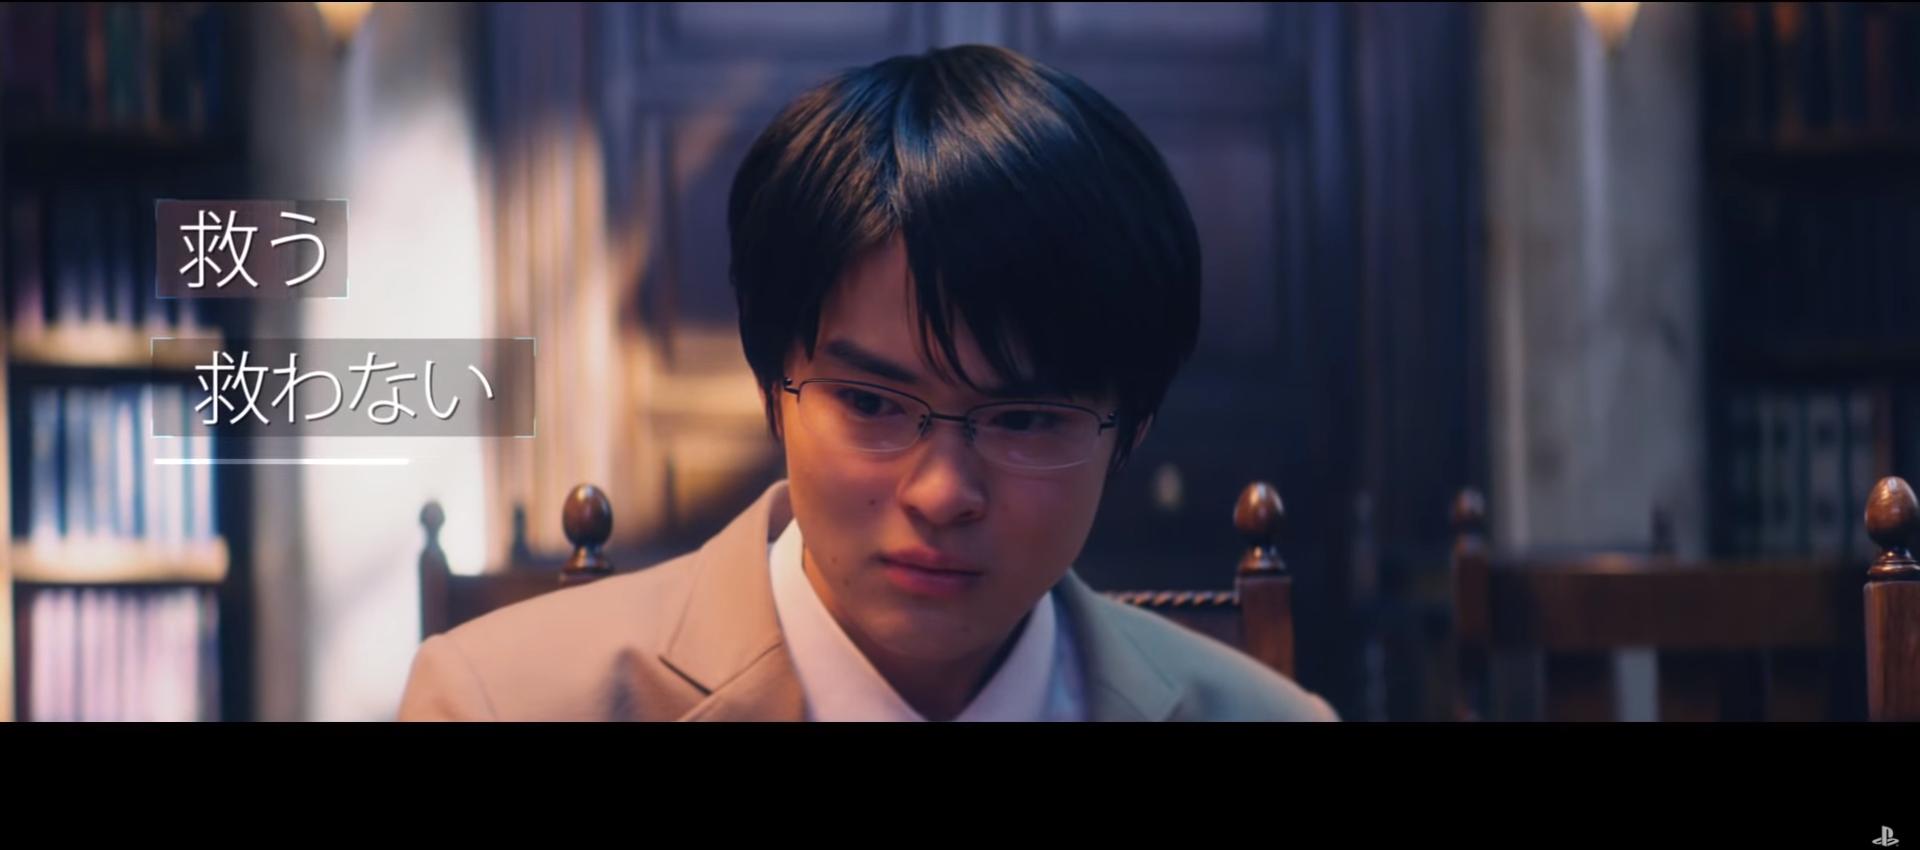 删还是不删?《底特律:我欲成人》开售前宣传PV昨天发布-ANICOGA